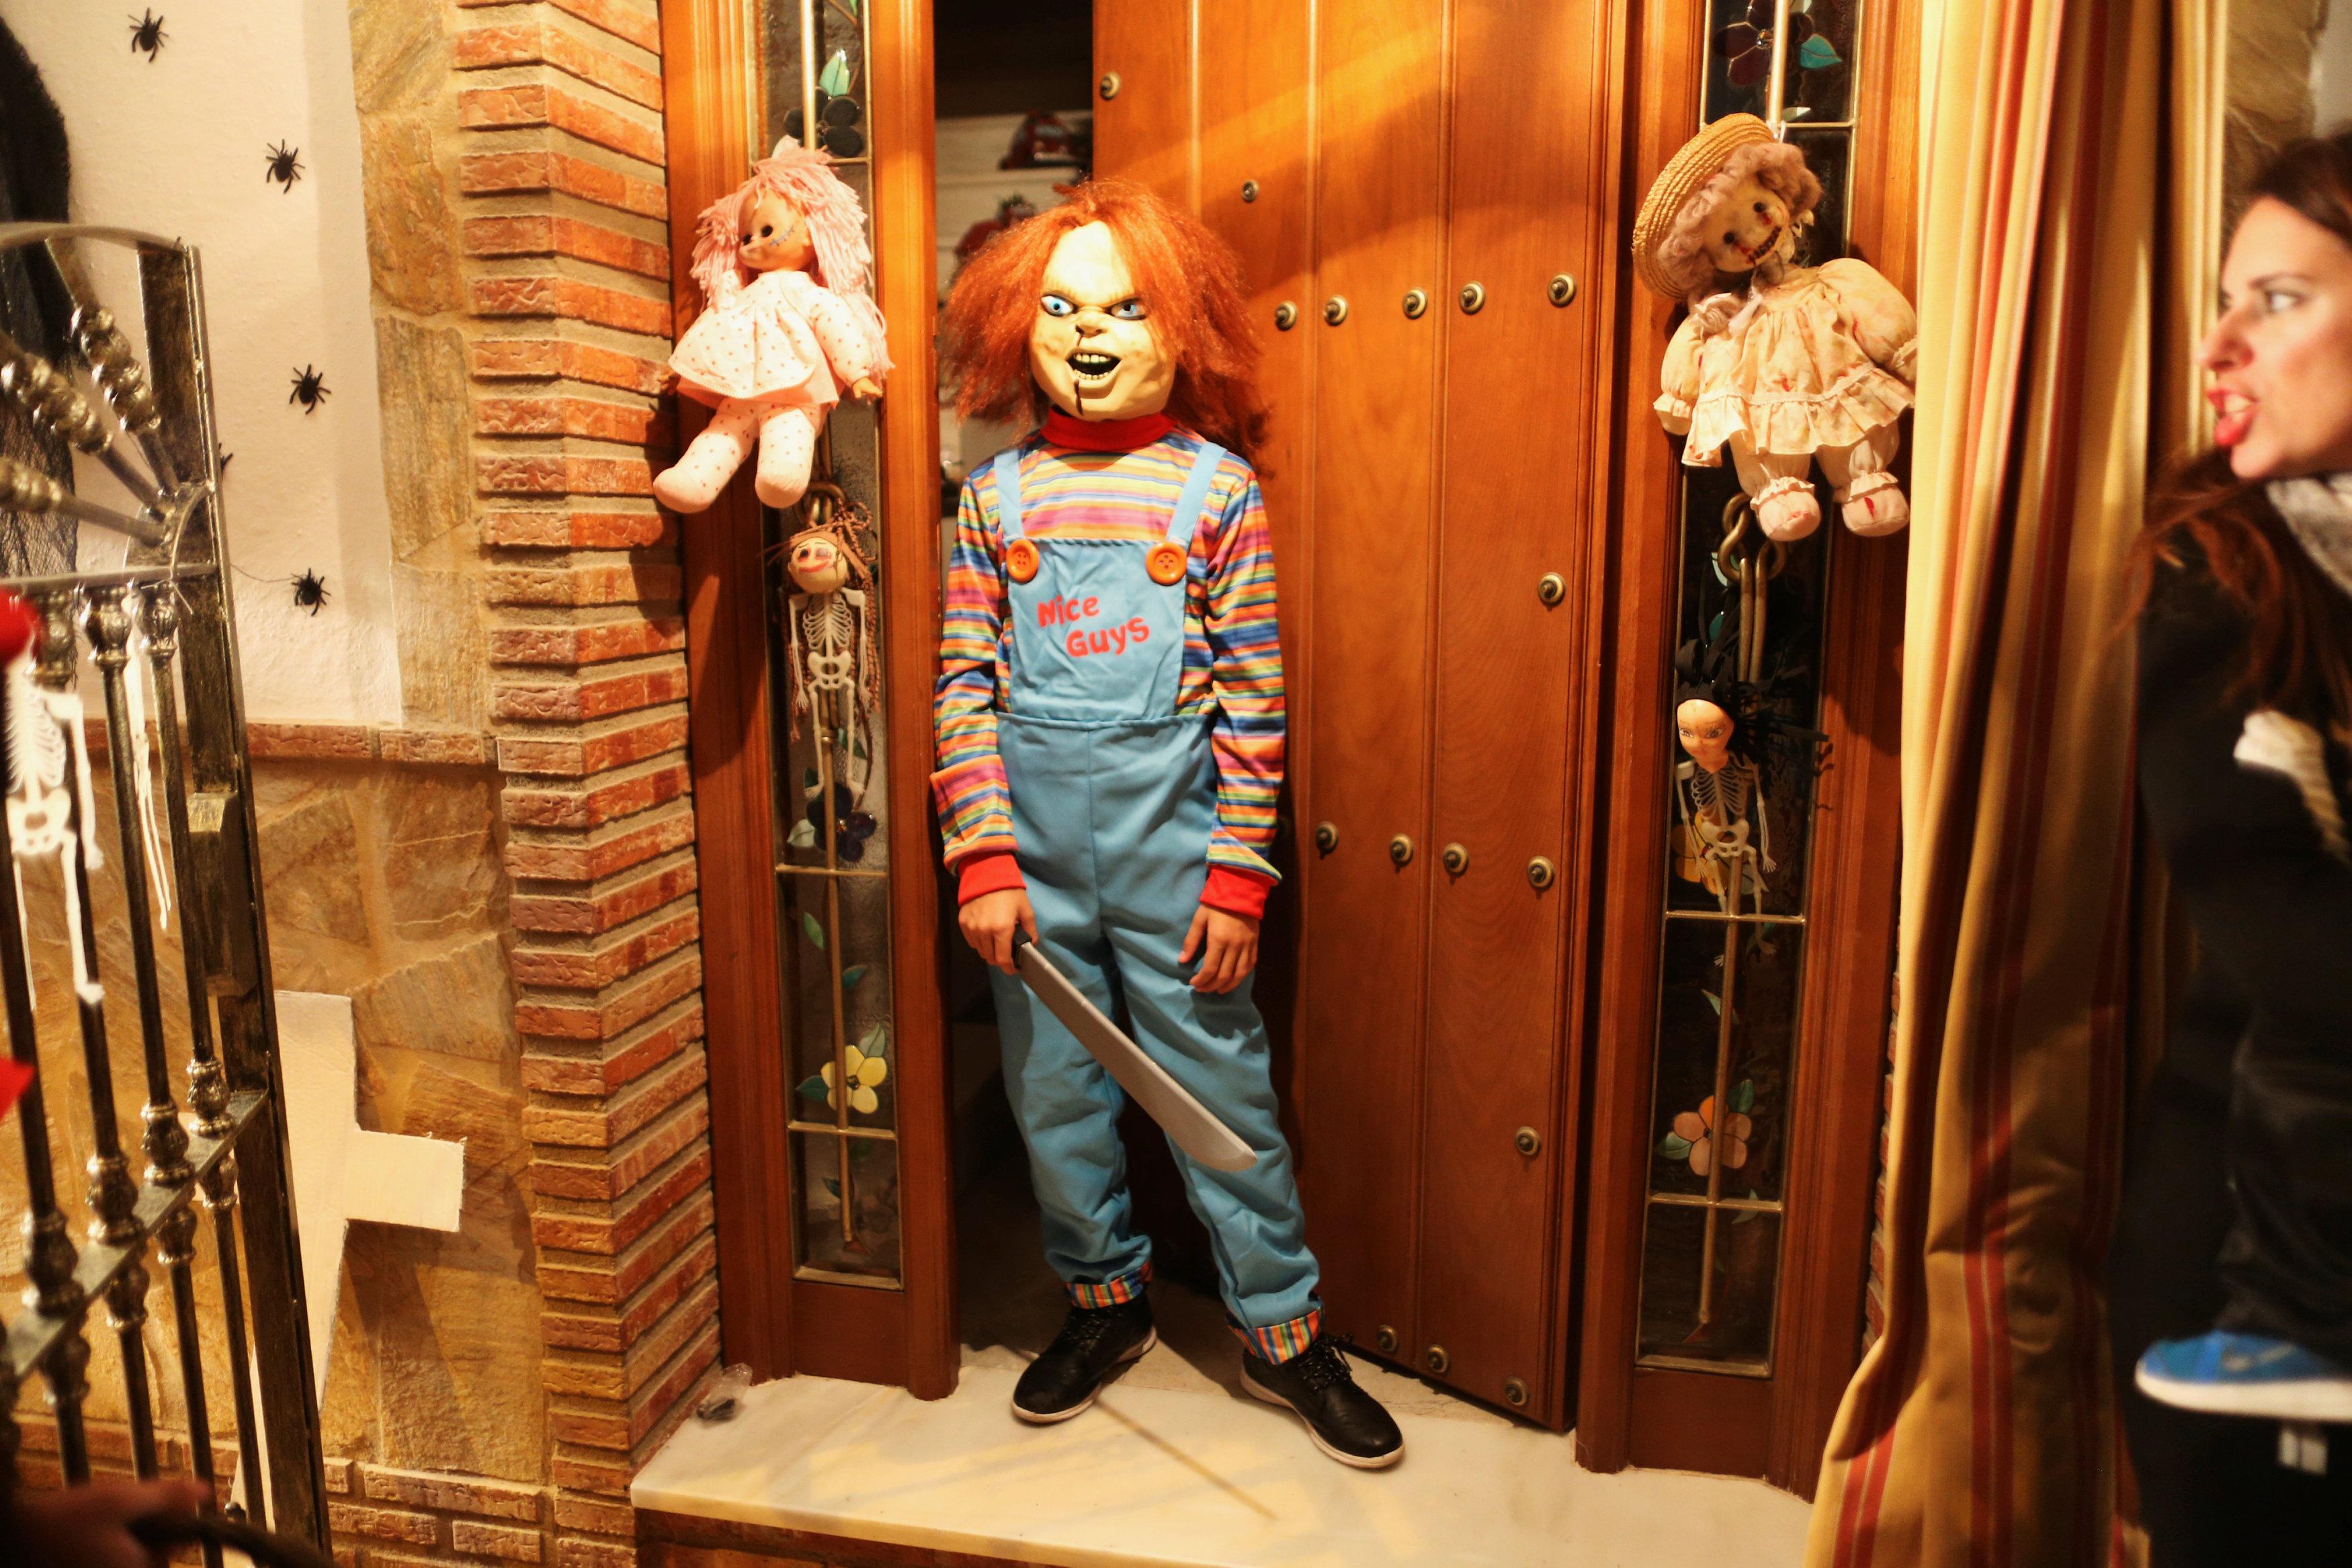 طفلة ترتدى ملابس وأزياء مرعبة